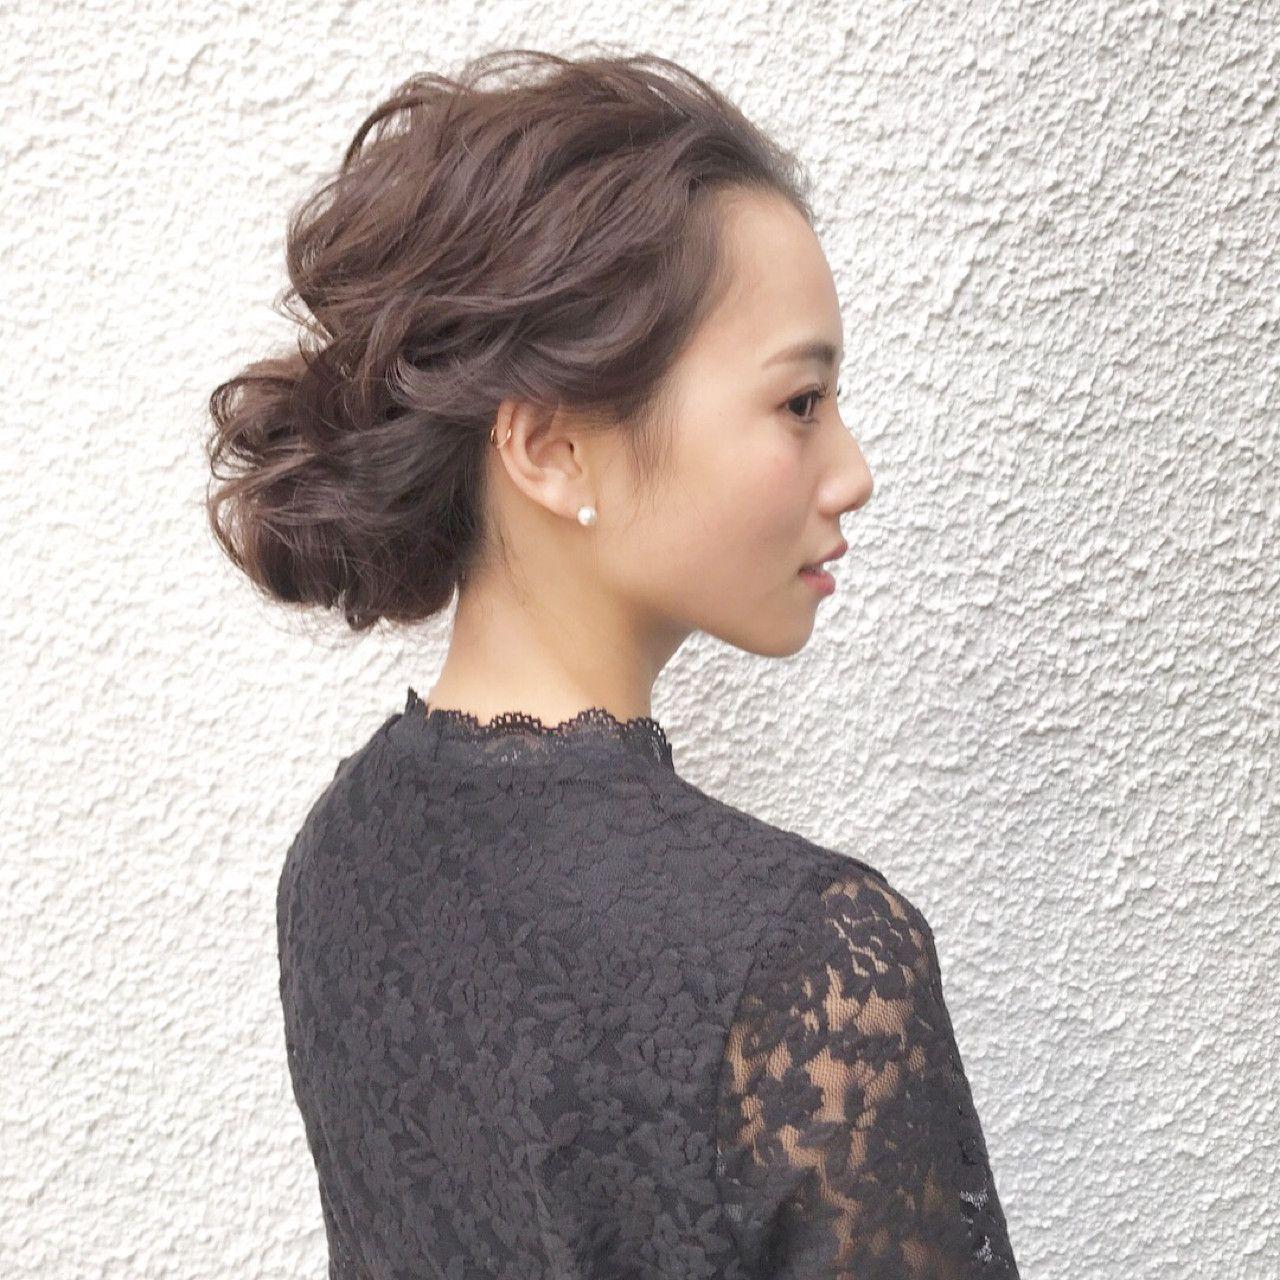 シーン別 簡単アップヘアアレンジで毎日楽しく 前髪なし ヘア